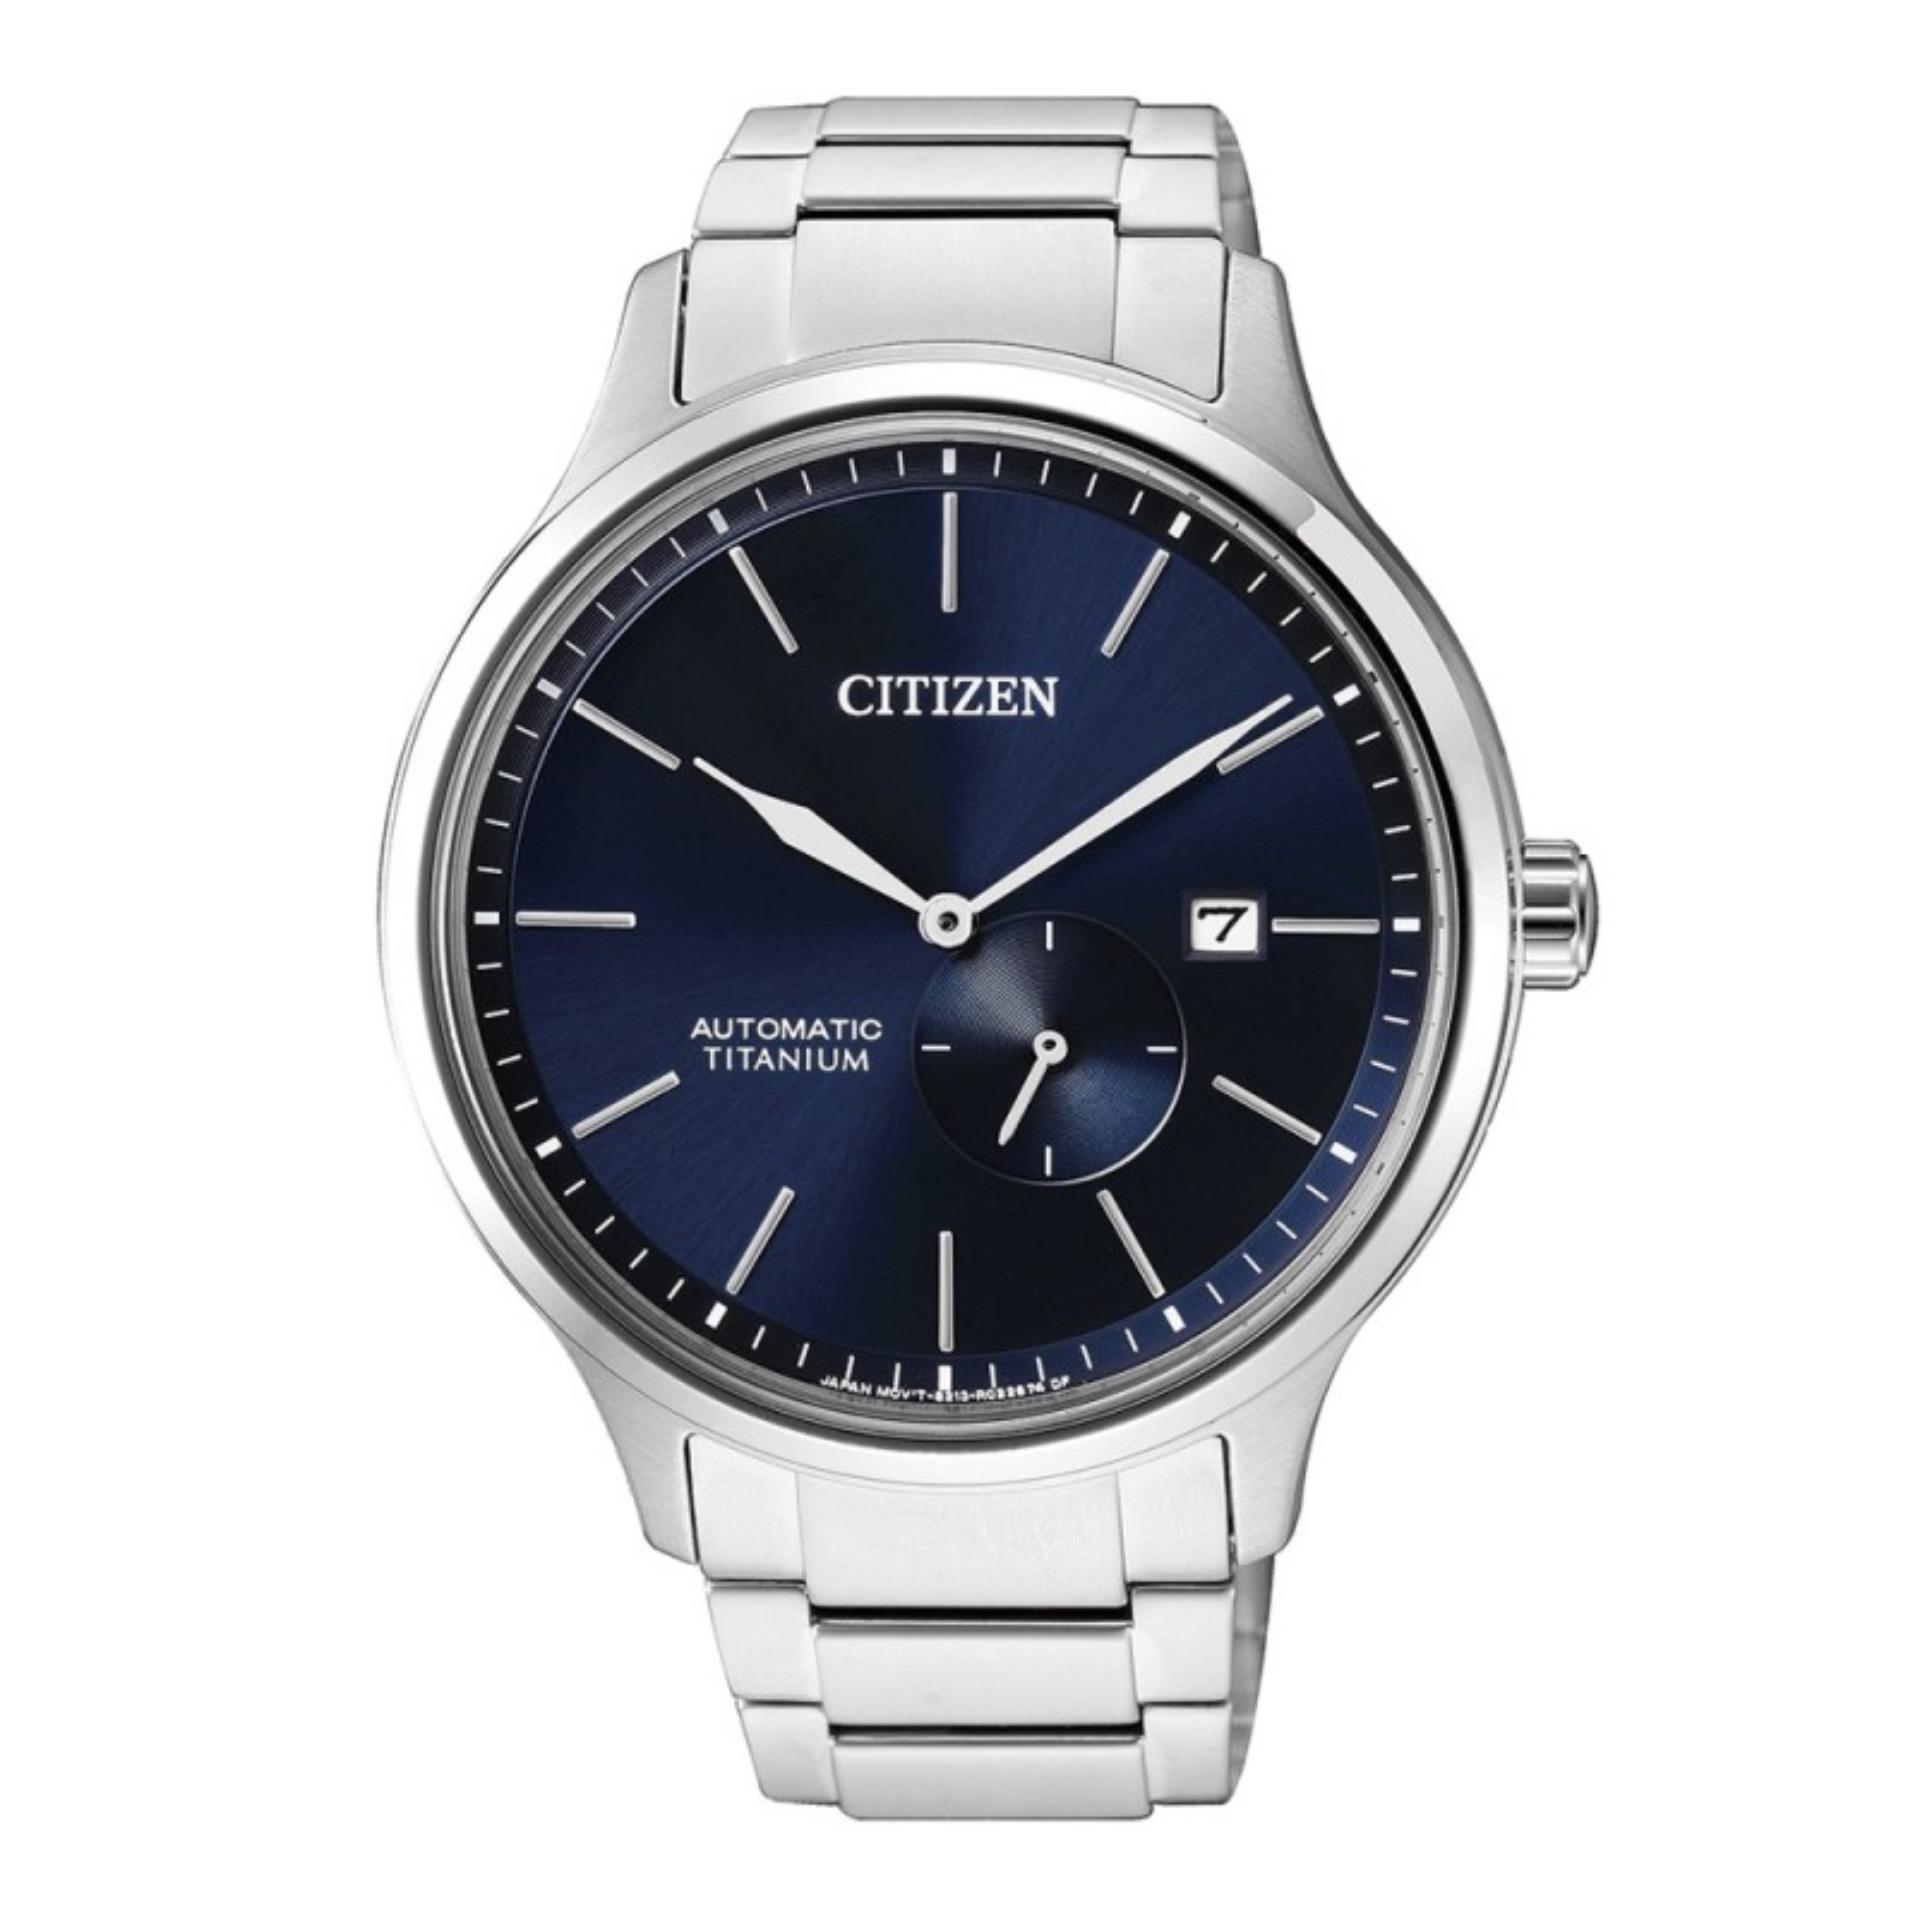 Citizen NJ0090-81L Automatic Titanium Analog Men's Watch